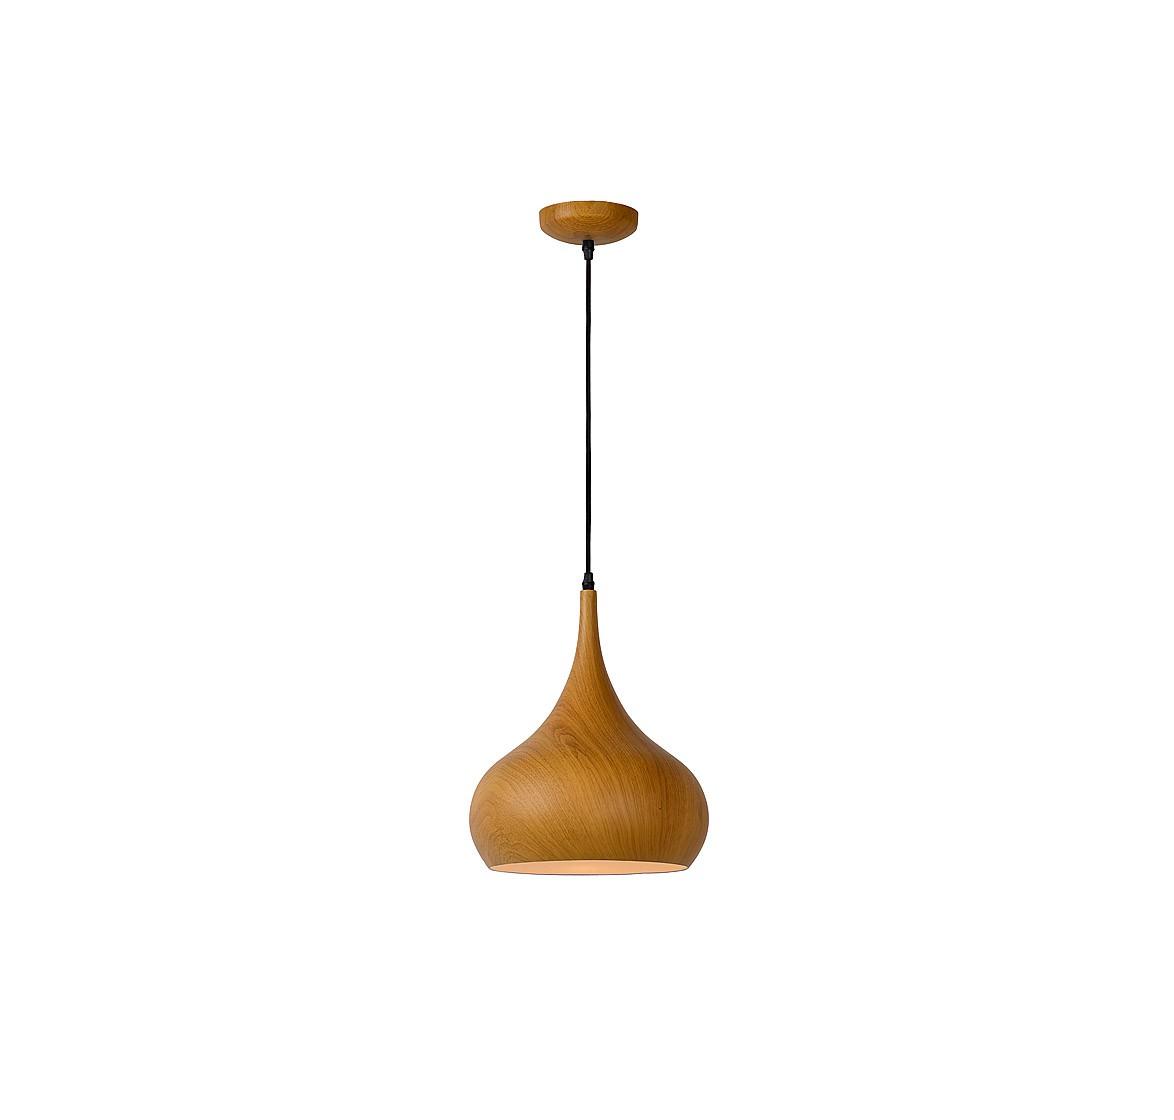 Подвесной светильник WOODYПодвесные светильники<br>основание: металл/принт дерева<br>плафон: металл/принт дерева<br>диаметр: 30 см<br>высота: 135 см<br>E27, 60W,1 лампочка (в комплект не входит)<br><br>Material: Металл<br>Height см: 135<br>Diameter см: 30